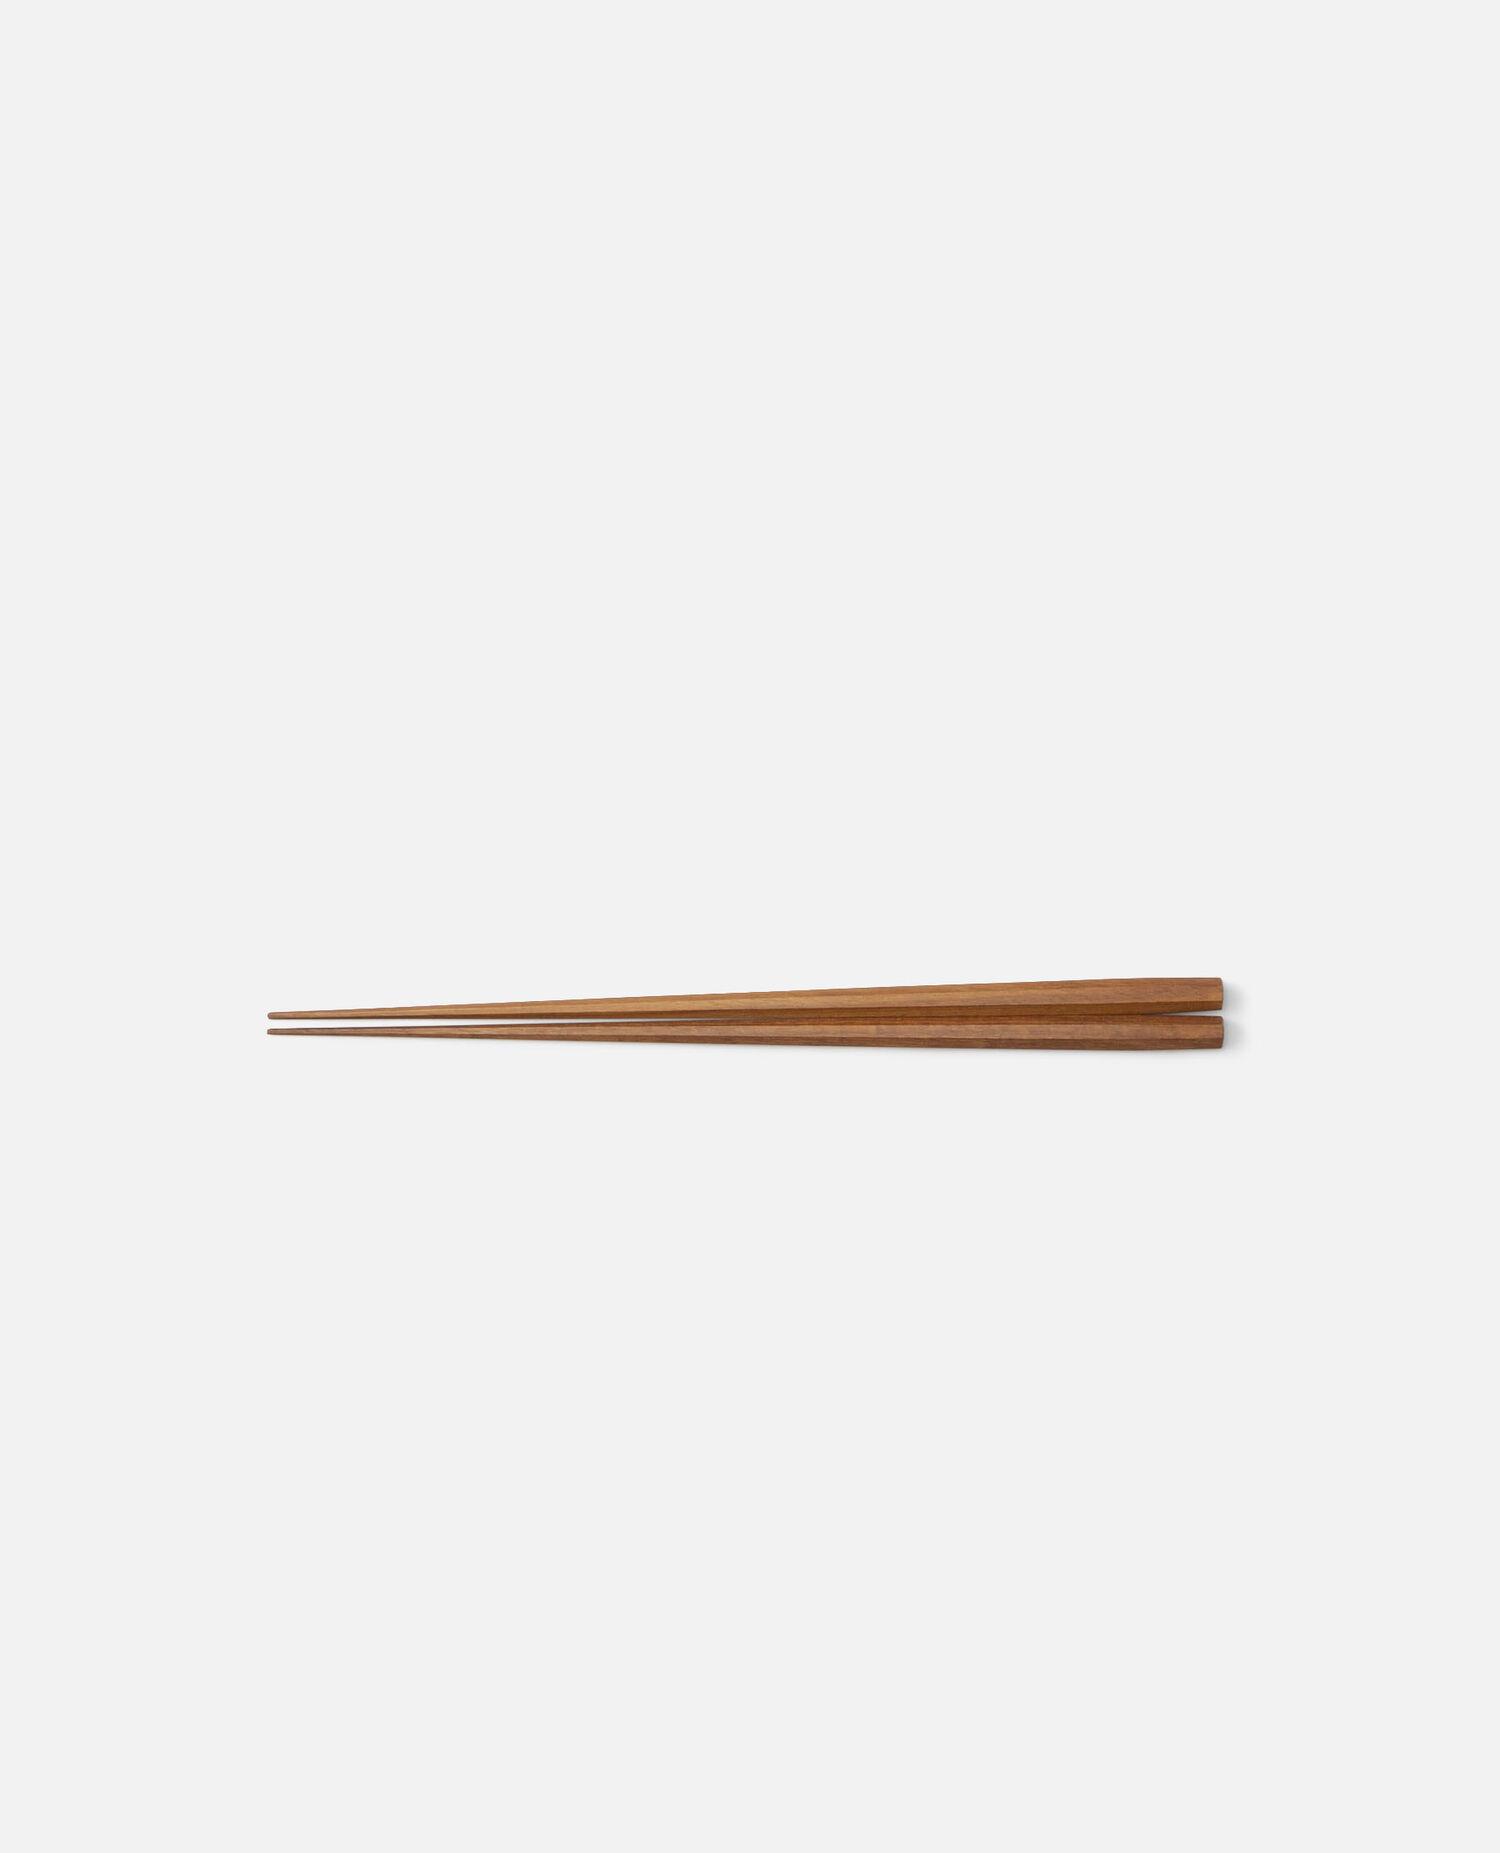 極上 八角箸 紫檀 225mm